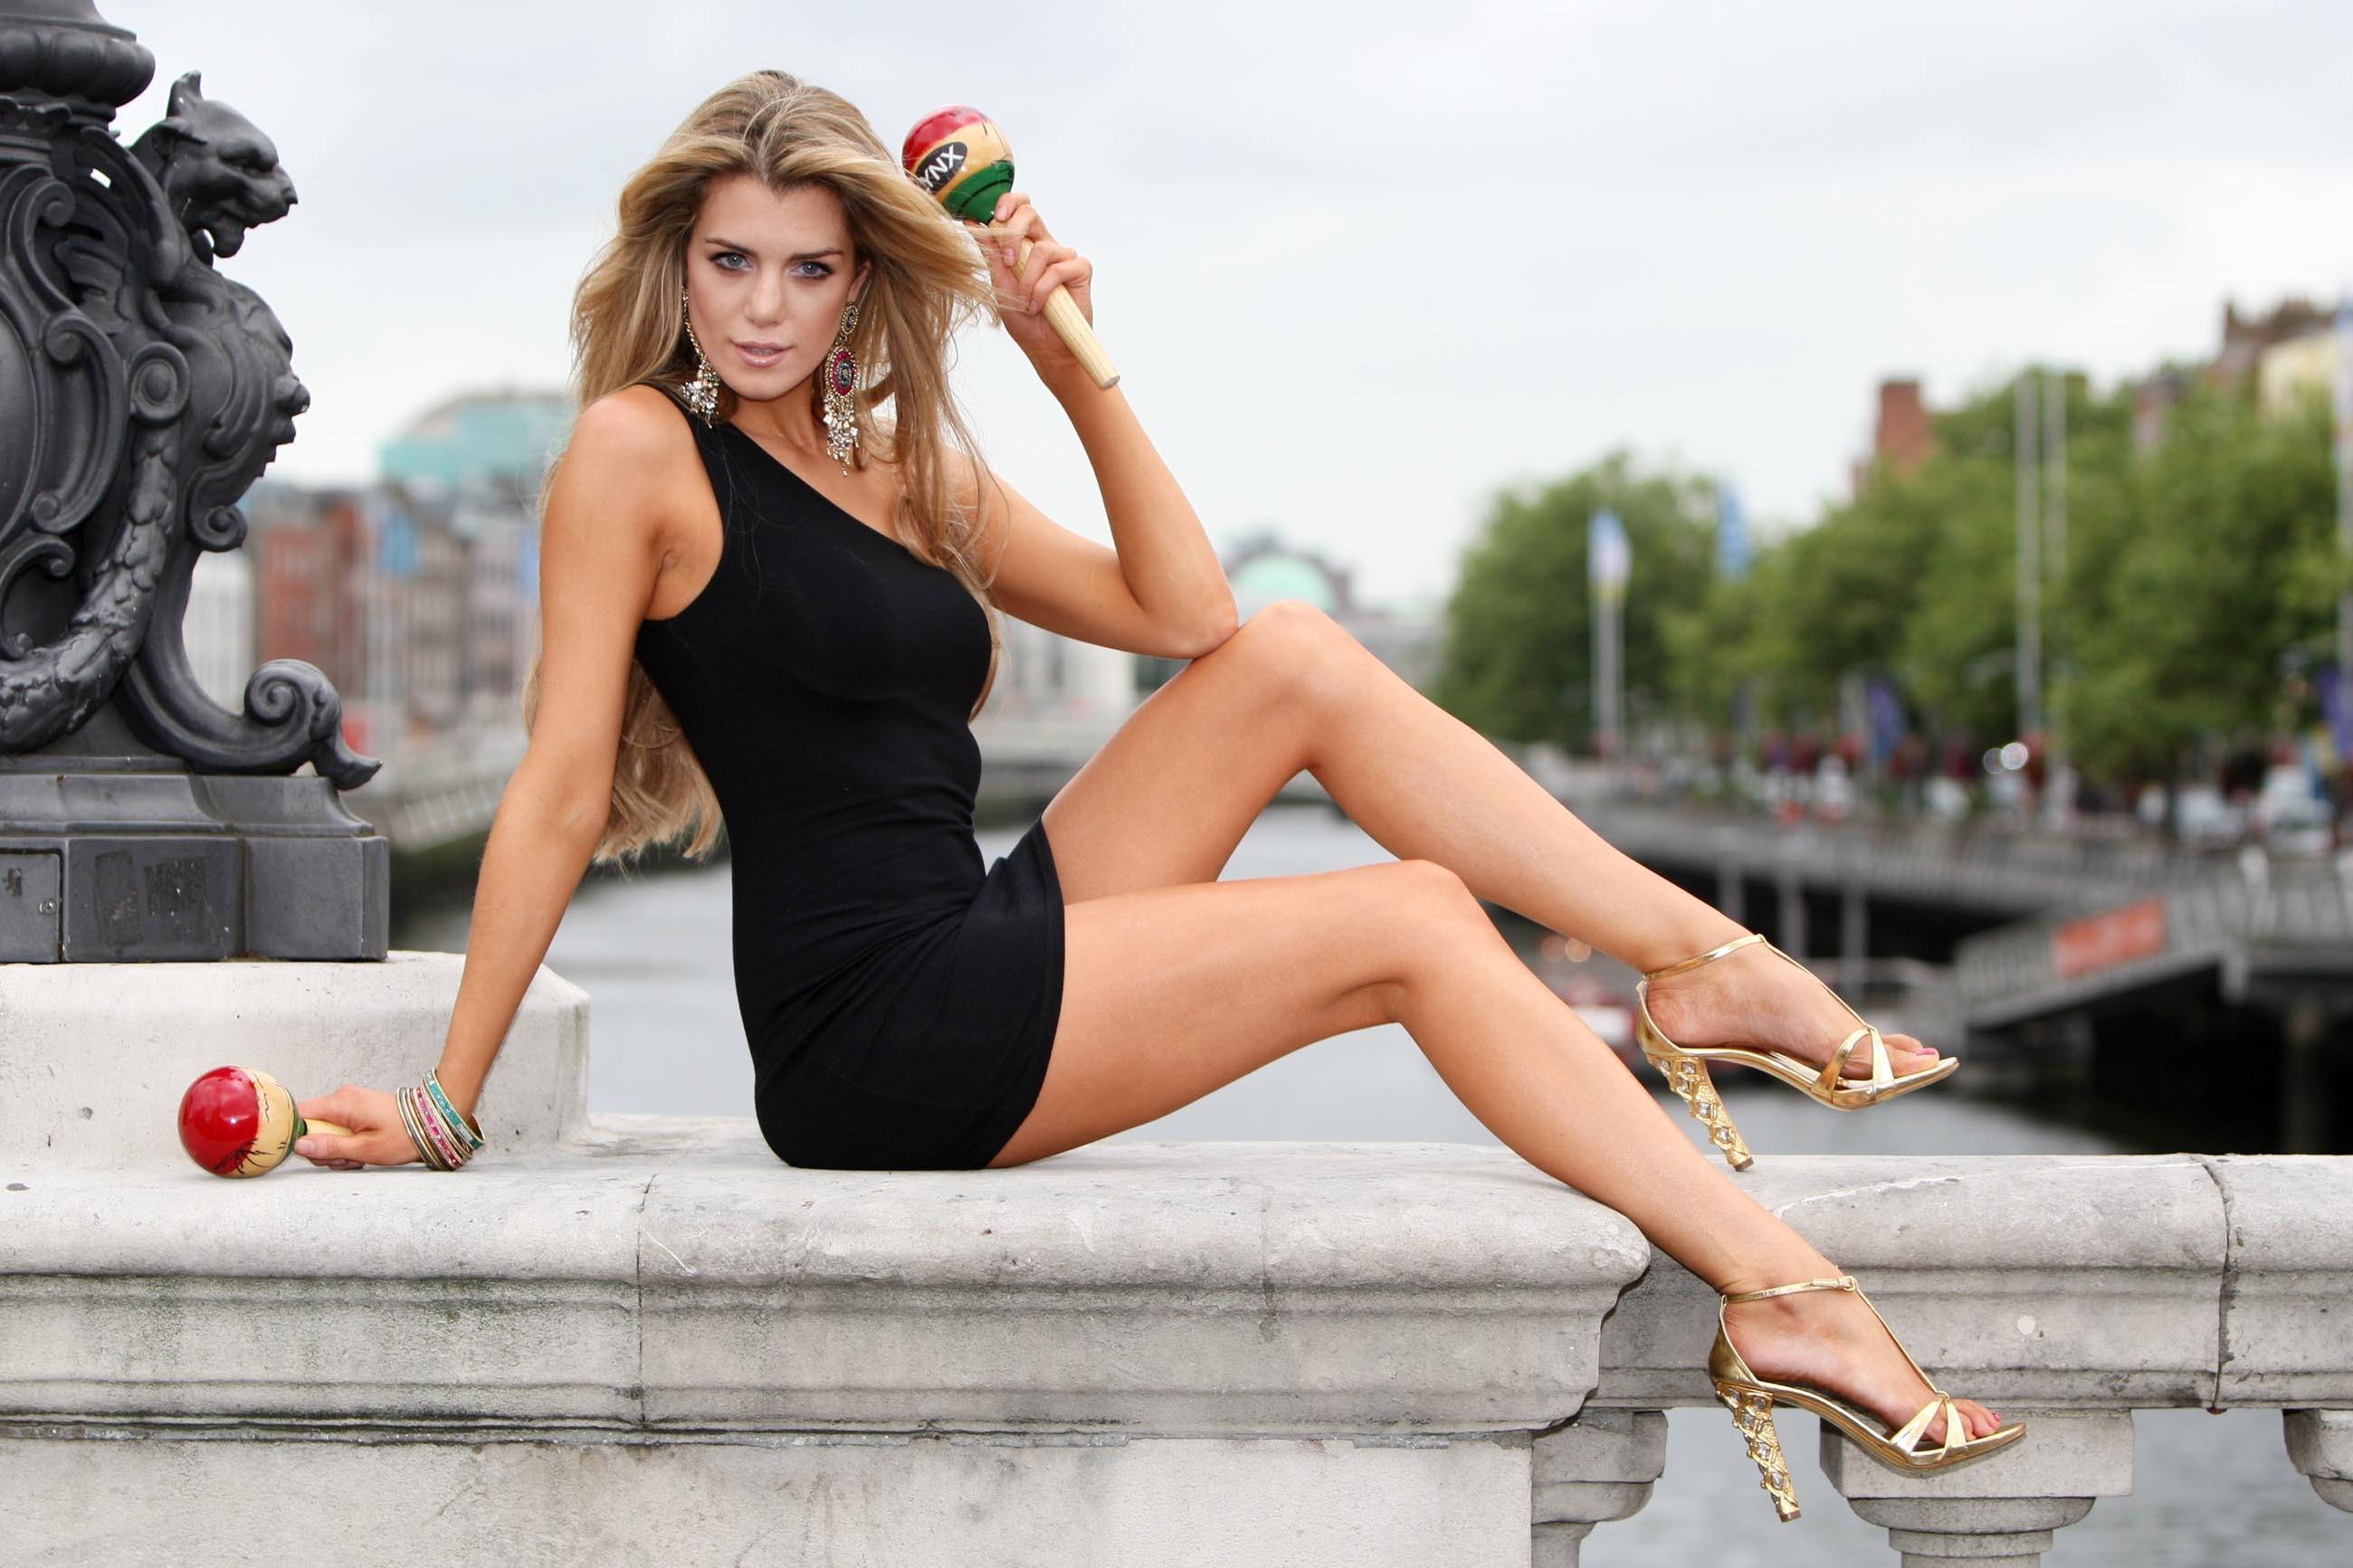 други фото красивых ног красоток женщина совращает старенького